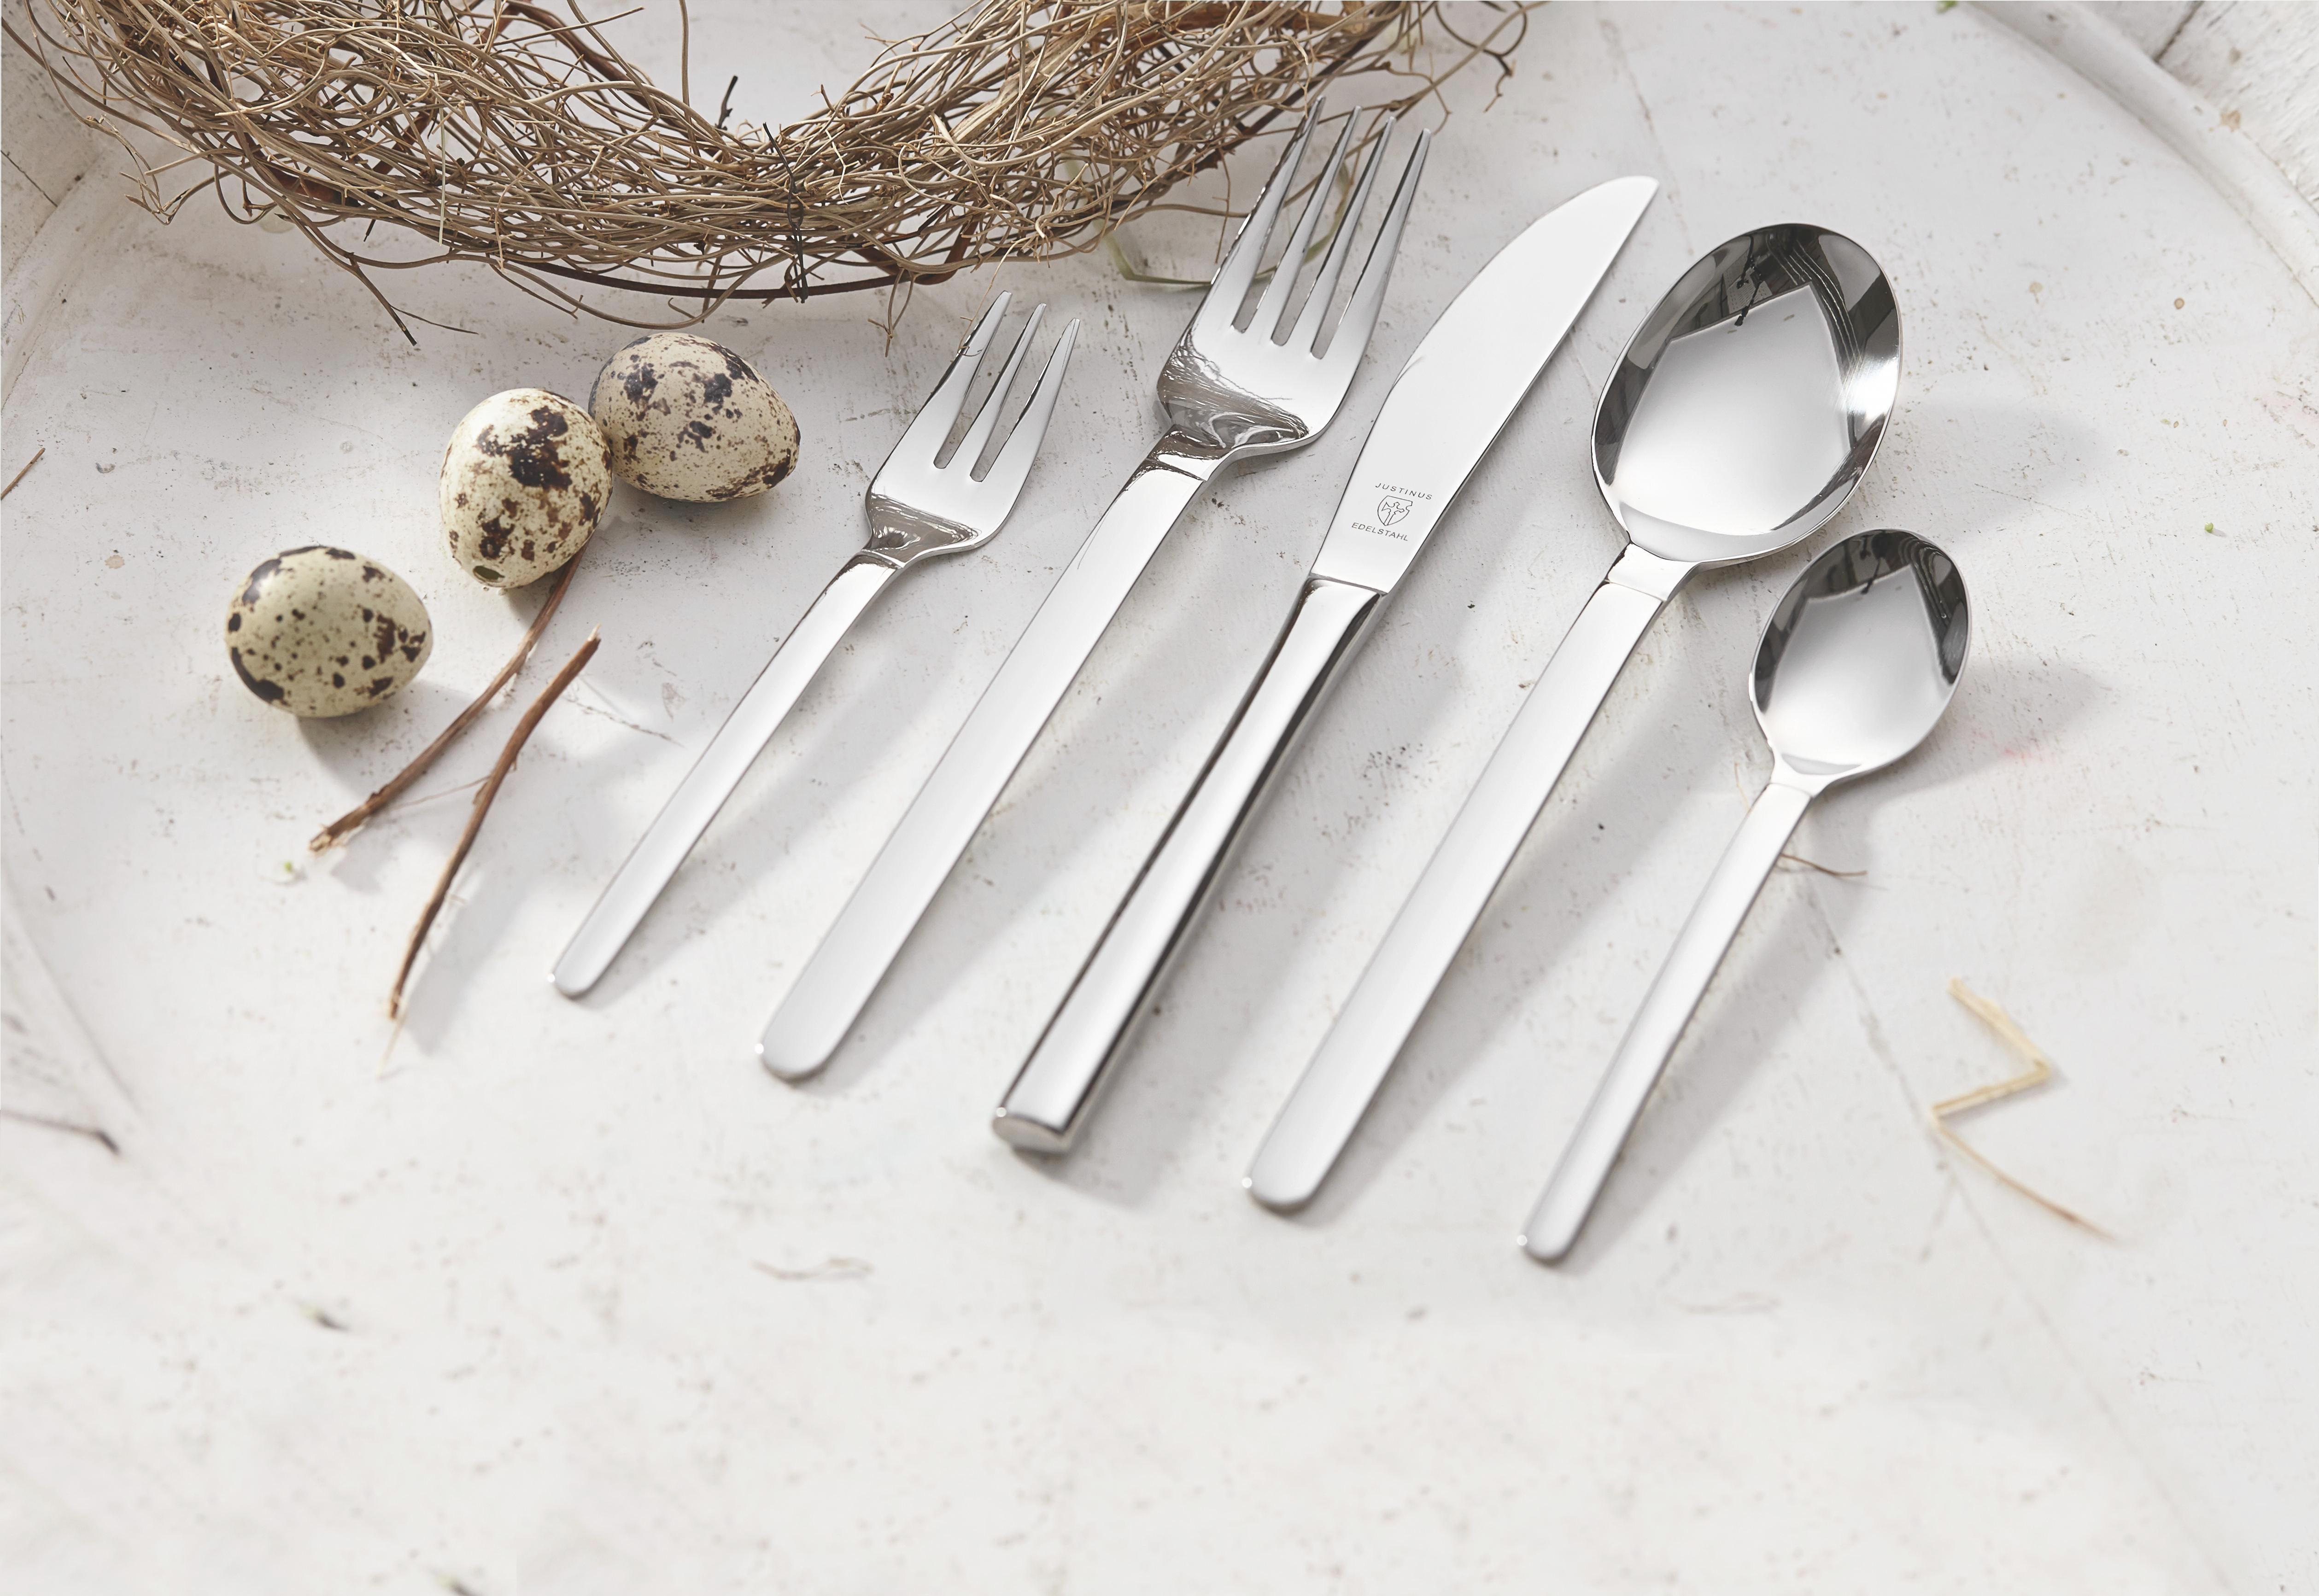 JEDILNI PRIBOR - srebrna, Konvencionalno, kovina - JUSTINUS